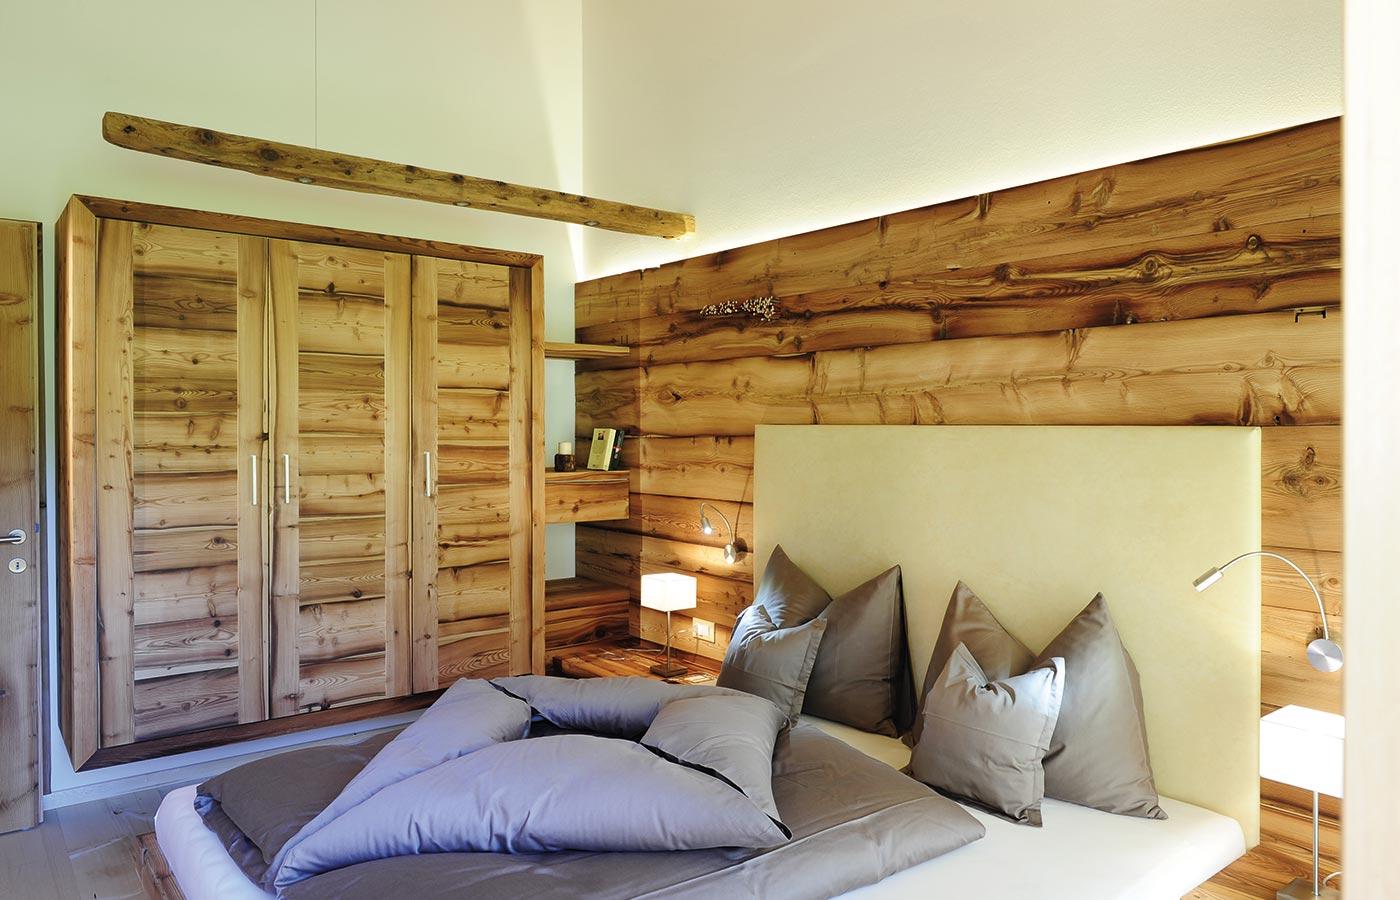 Offerte hotel alto adige per estate e inverno schwemmerhof for Offerte soggiorno in trentino alto adige